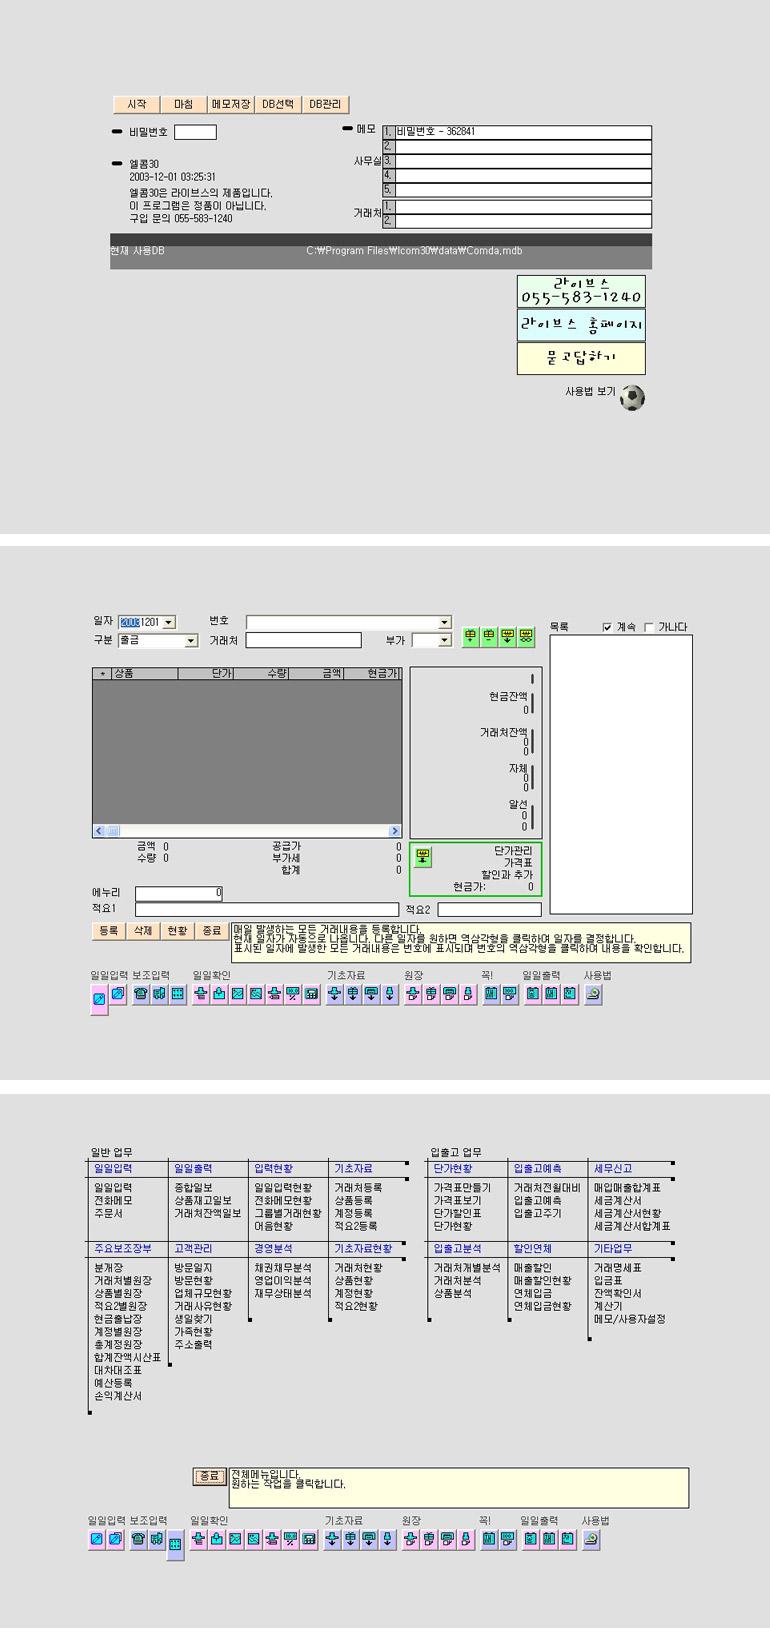 lcom30_screen.jpg